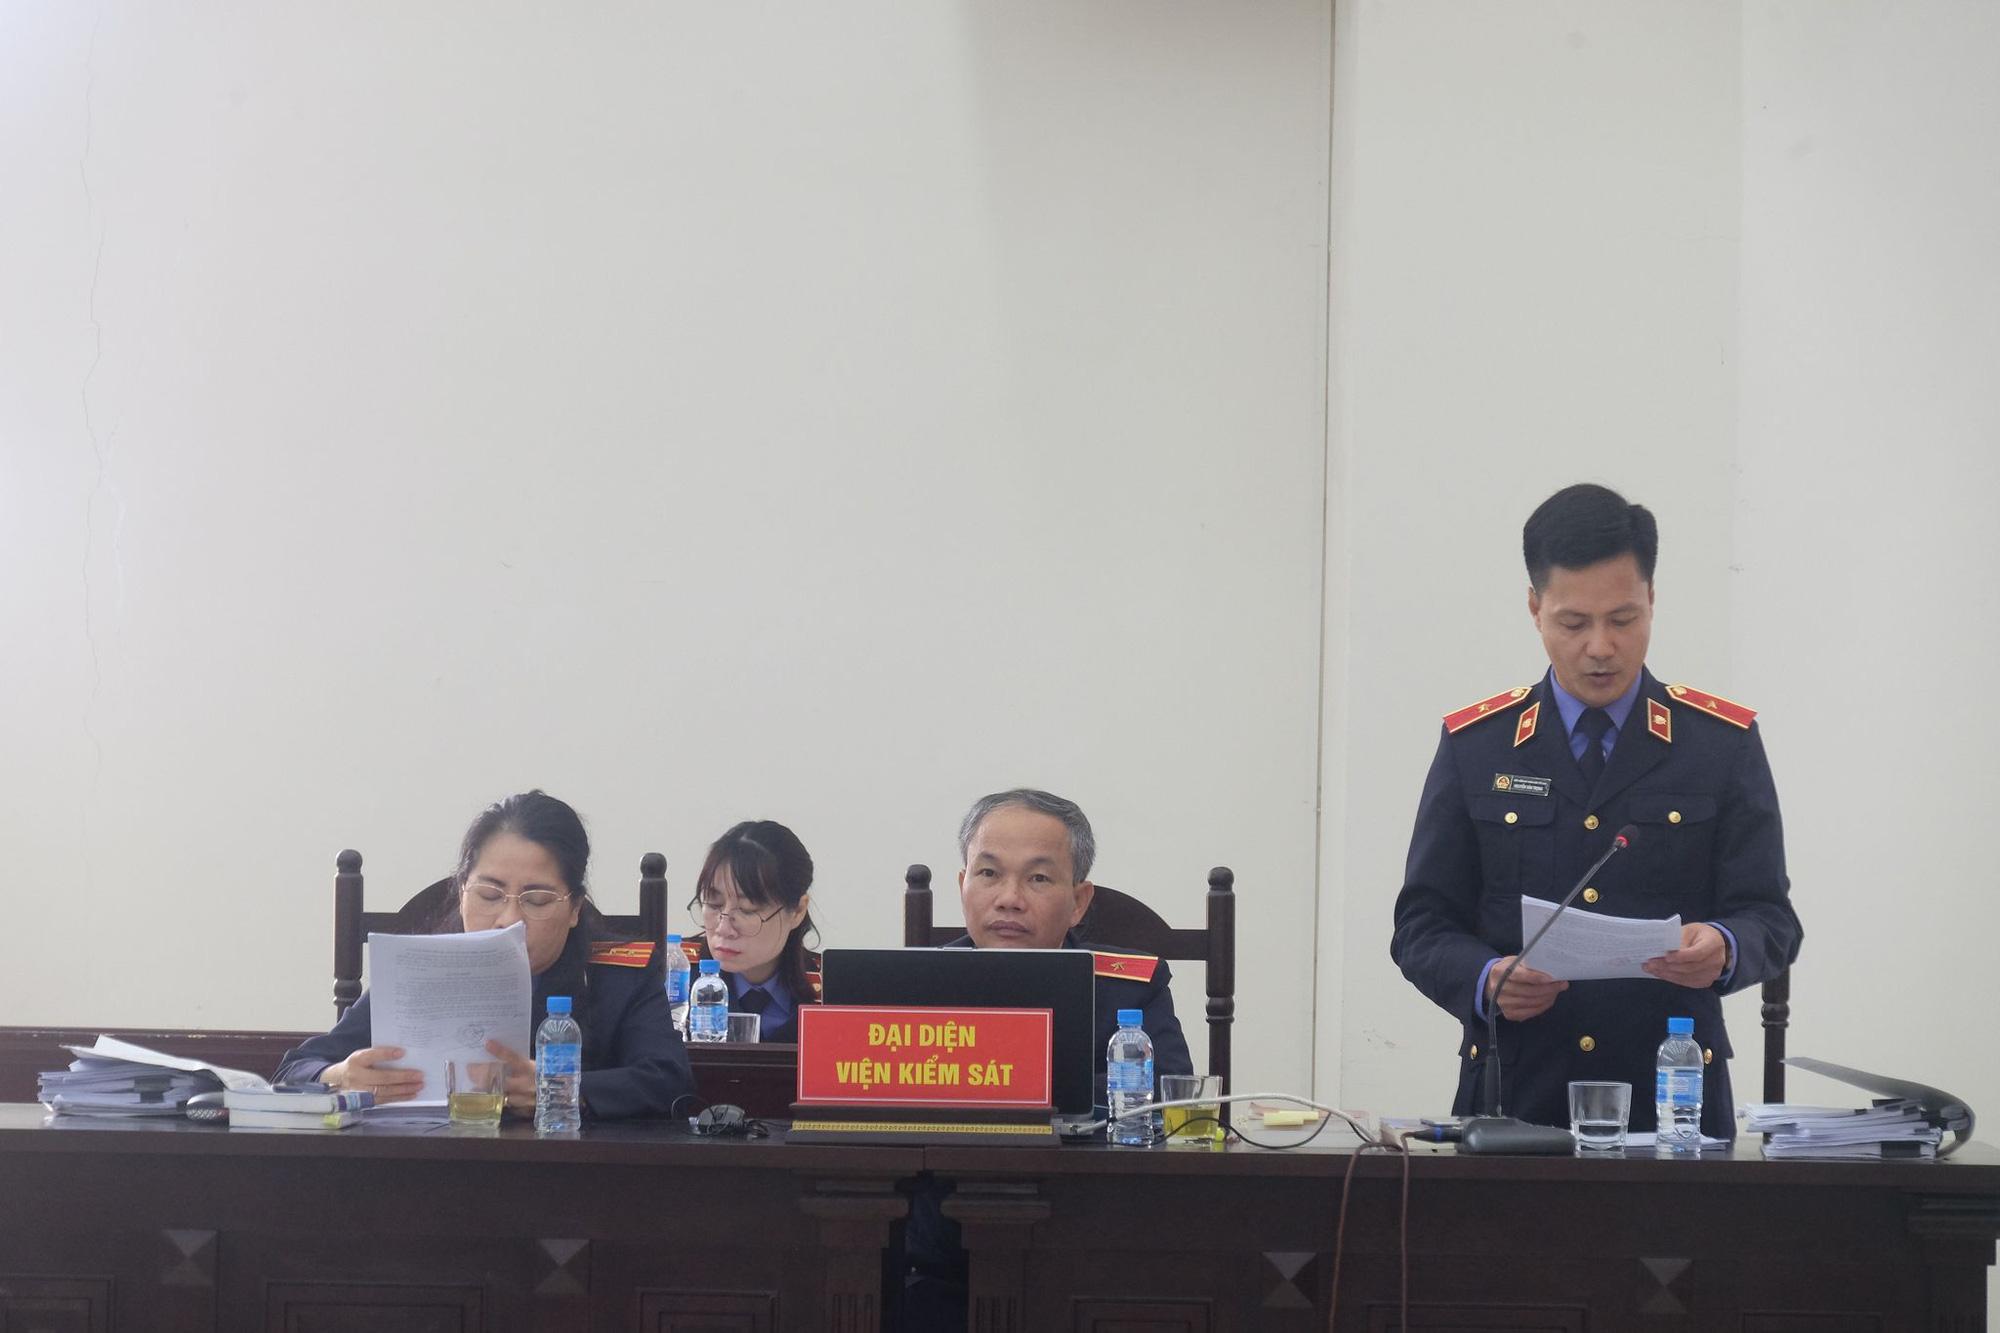 Ai chỉ đạo đàm phán với Tập đoàn ở Trung Quốc ở dự án Gang thép Thái Nguyên? - Ảnh 1.